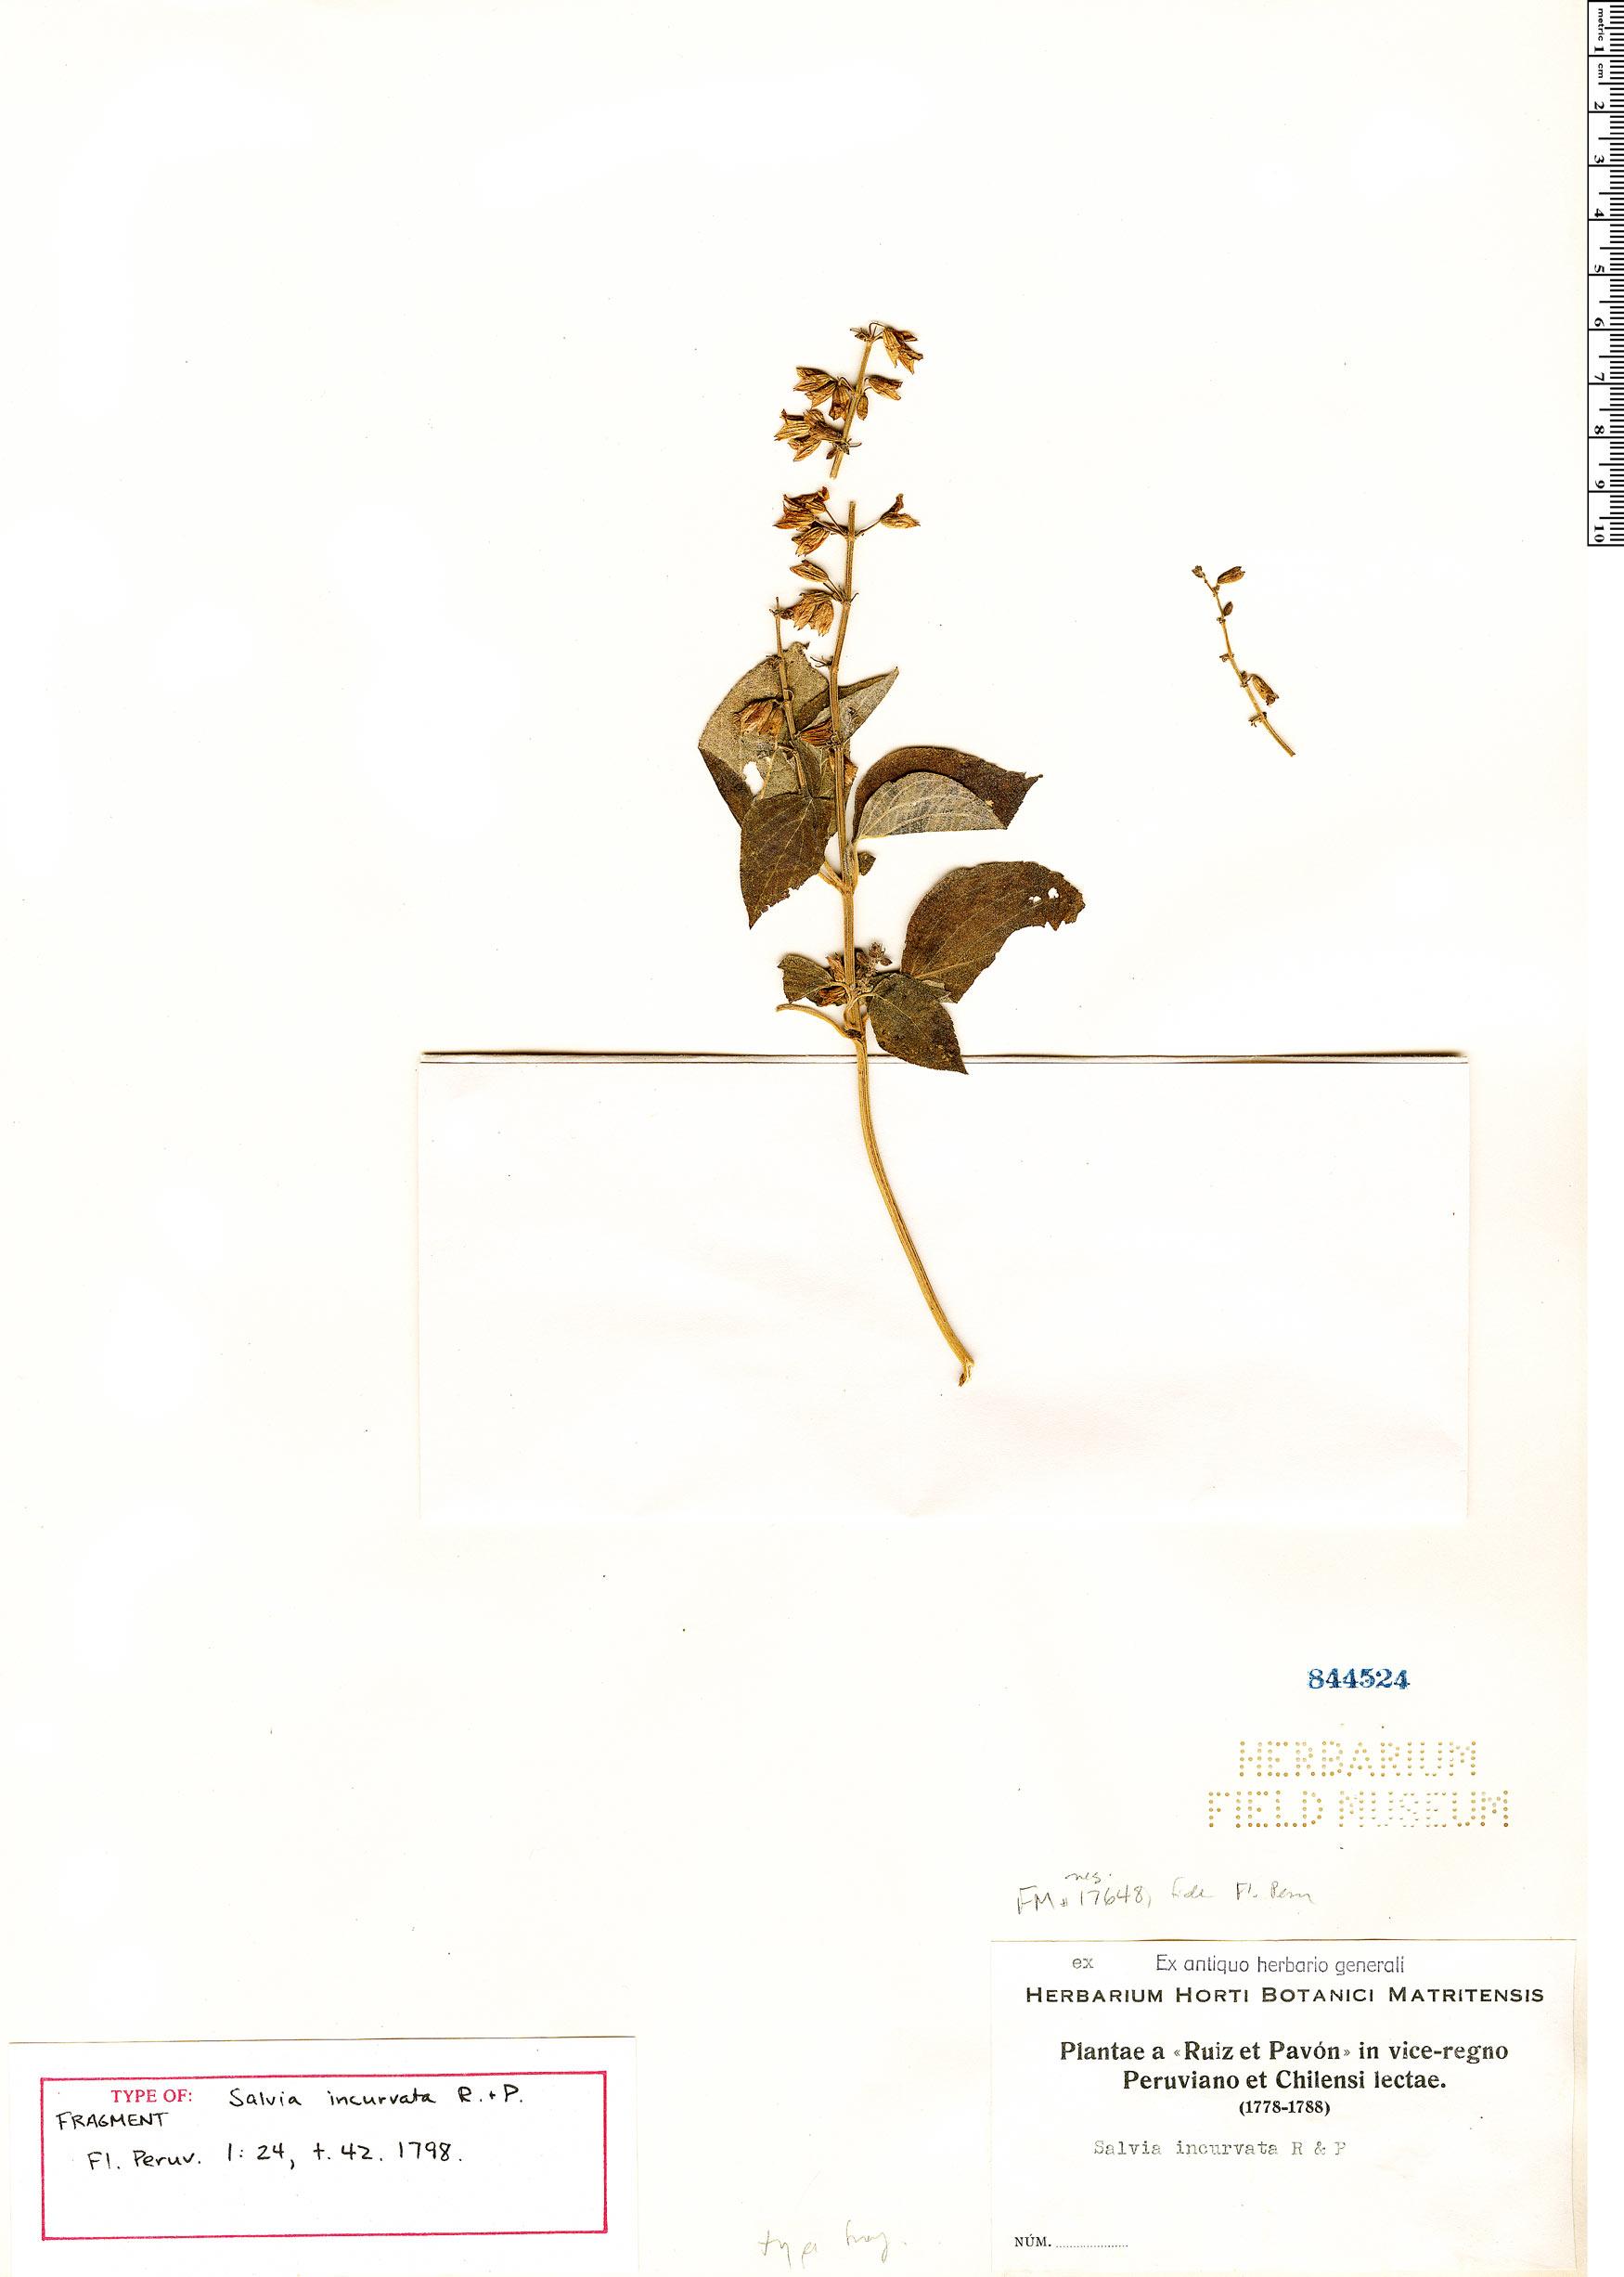 Specimen: Salvia incurvata